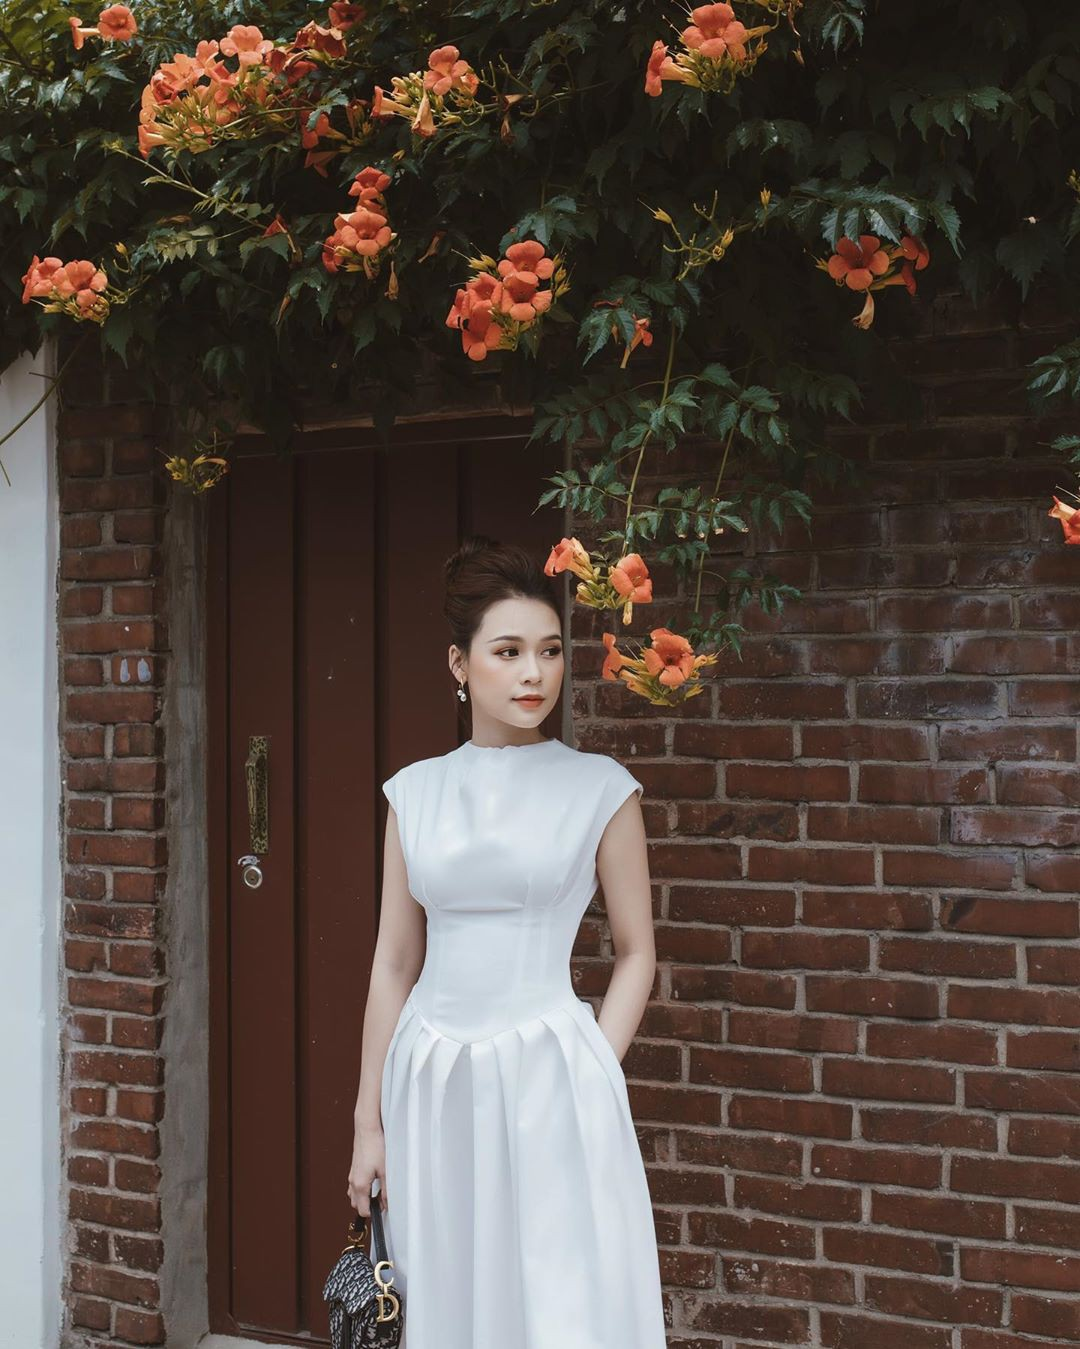 Ngắm Sam yêu kiều và sang chảnh bức người khi diện váy trắng, thế nào chị em cũng muốn sắm ngay vài chiếc-2